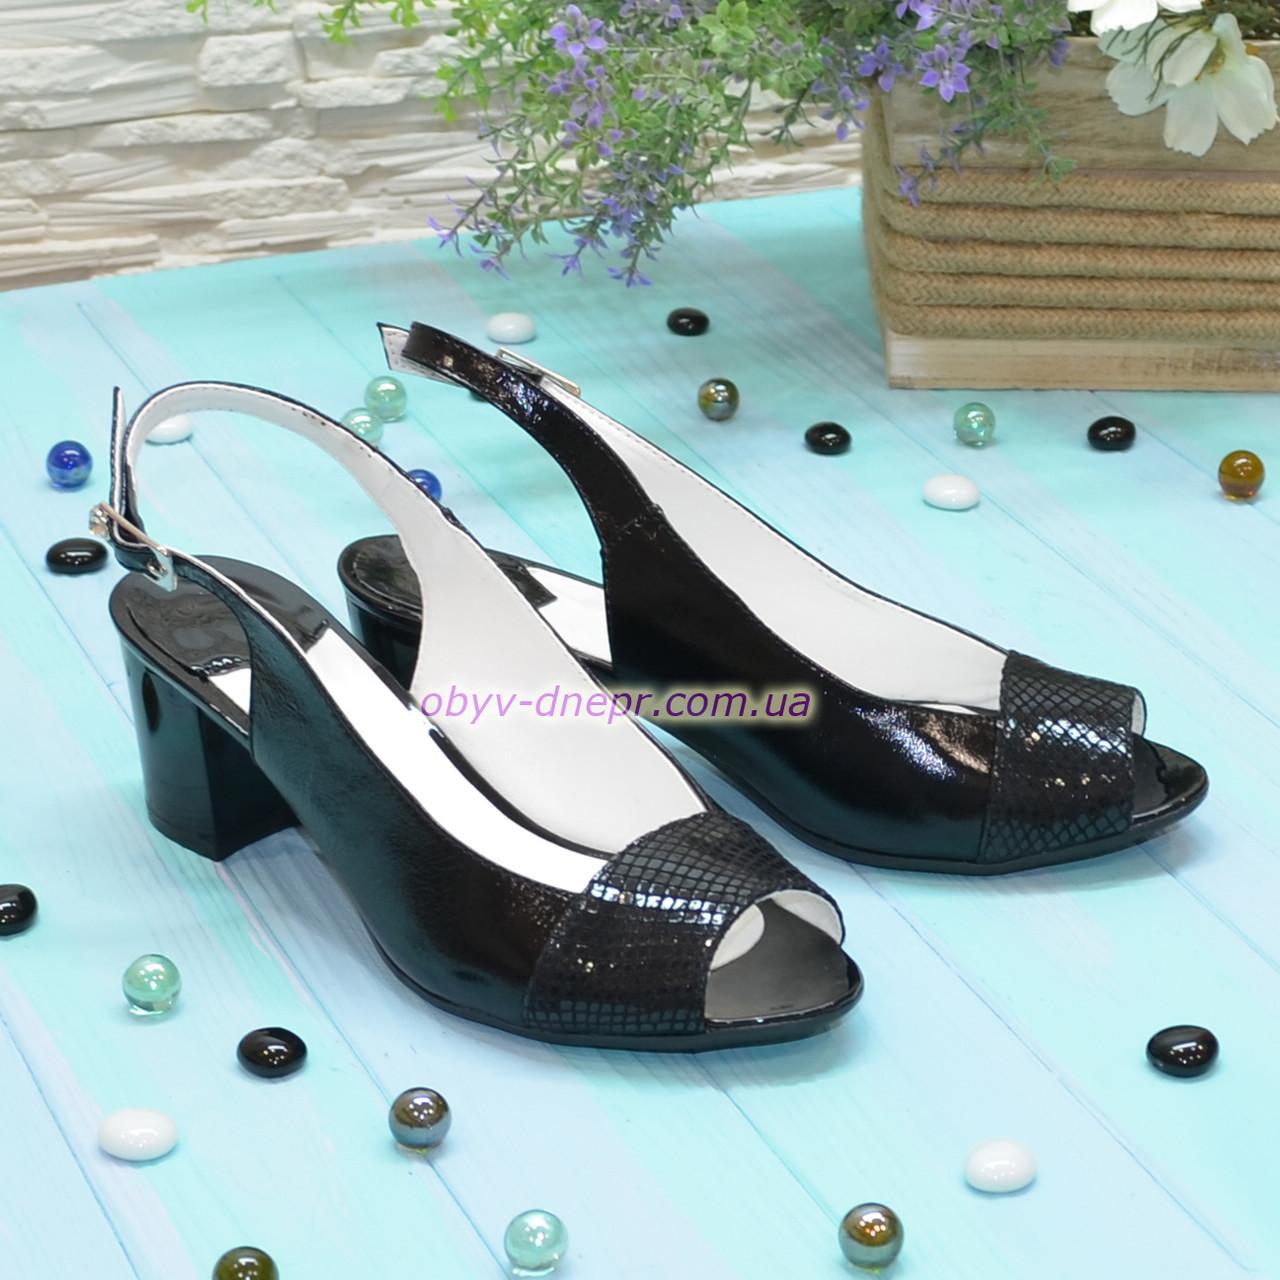 Босоножки женские черные на невысоком каблуке